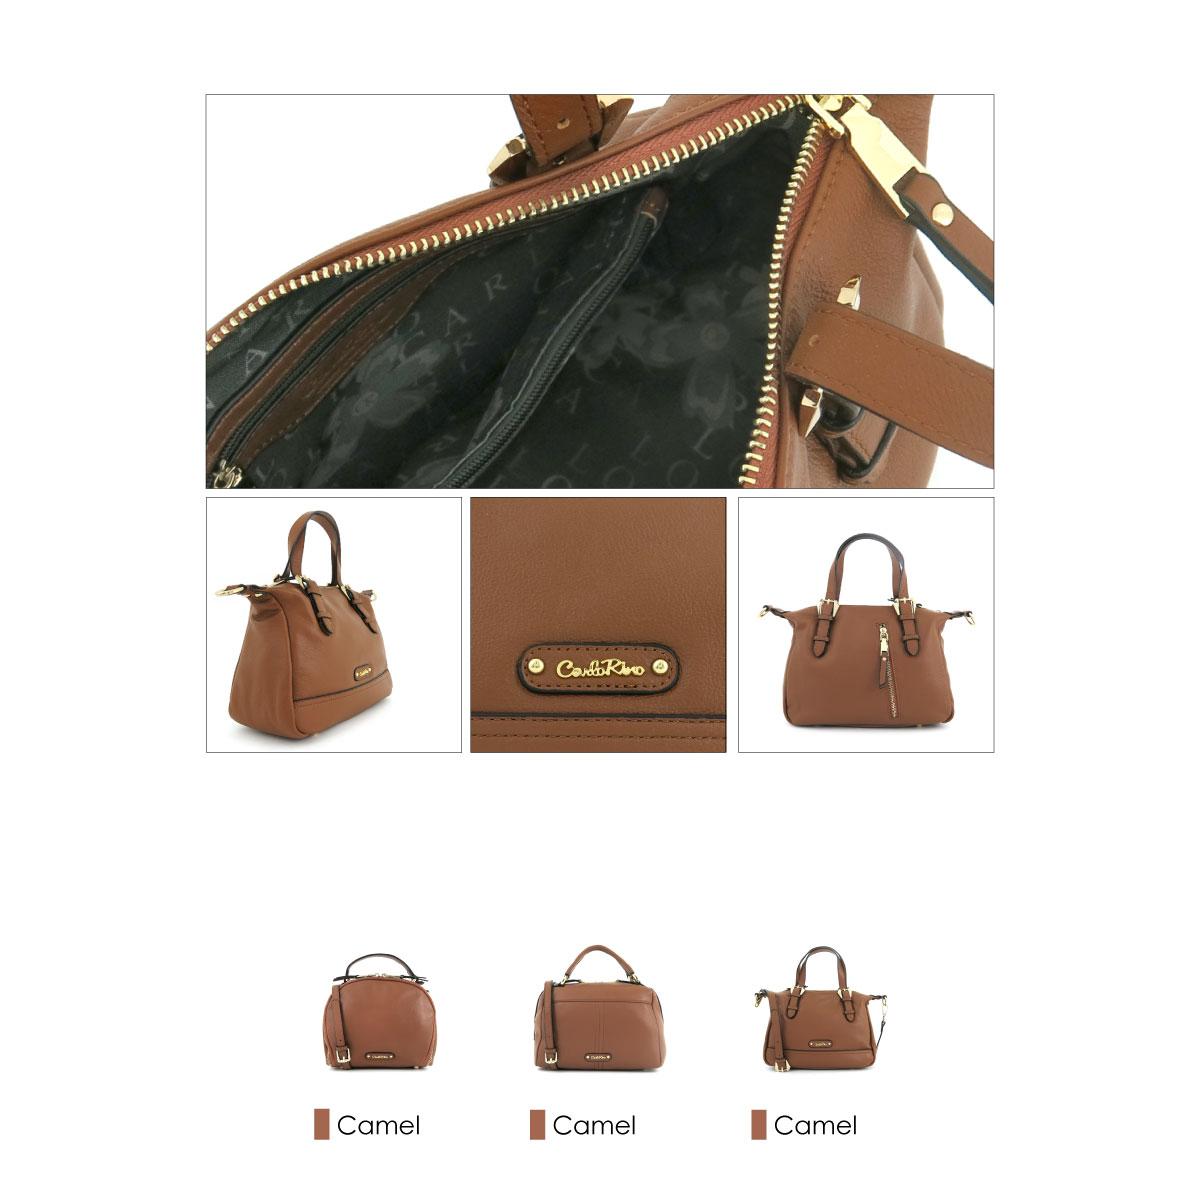 0304875F 003 35 03 - Leather Bash Hobo Top Handle